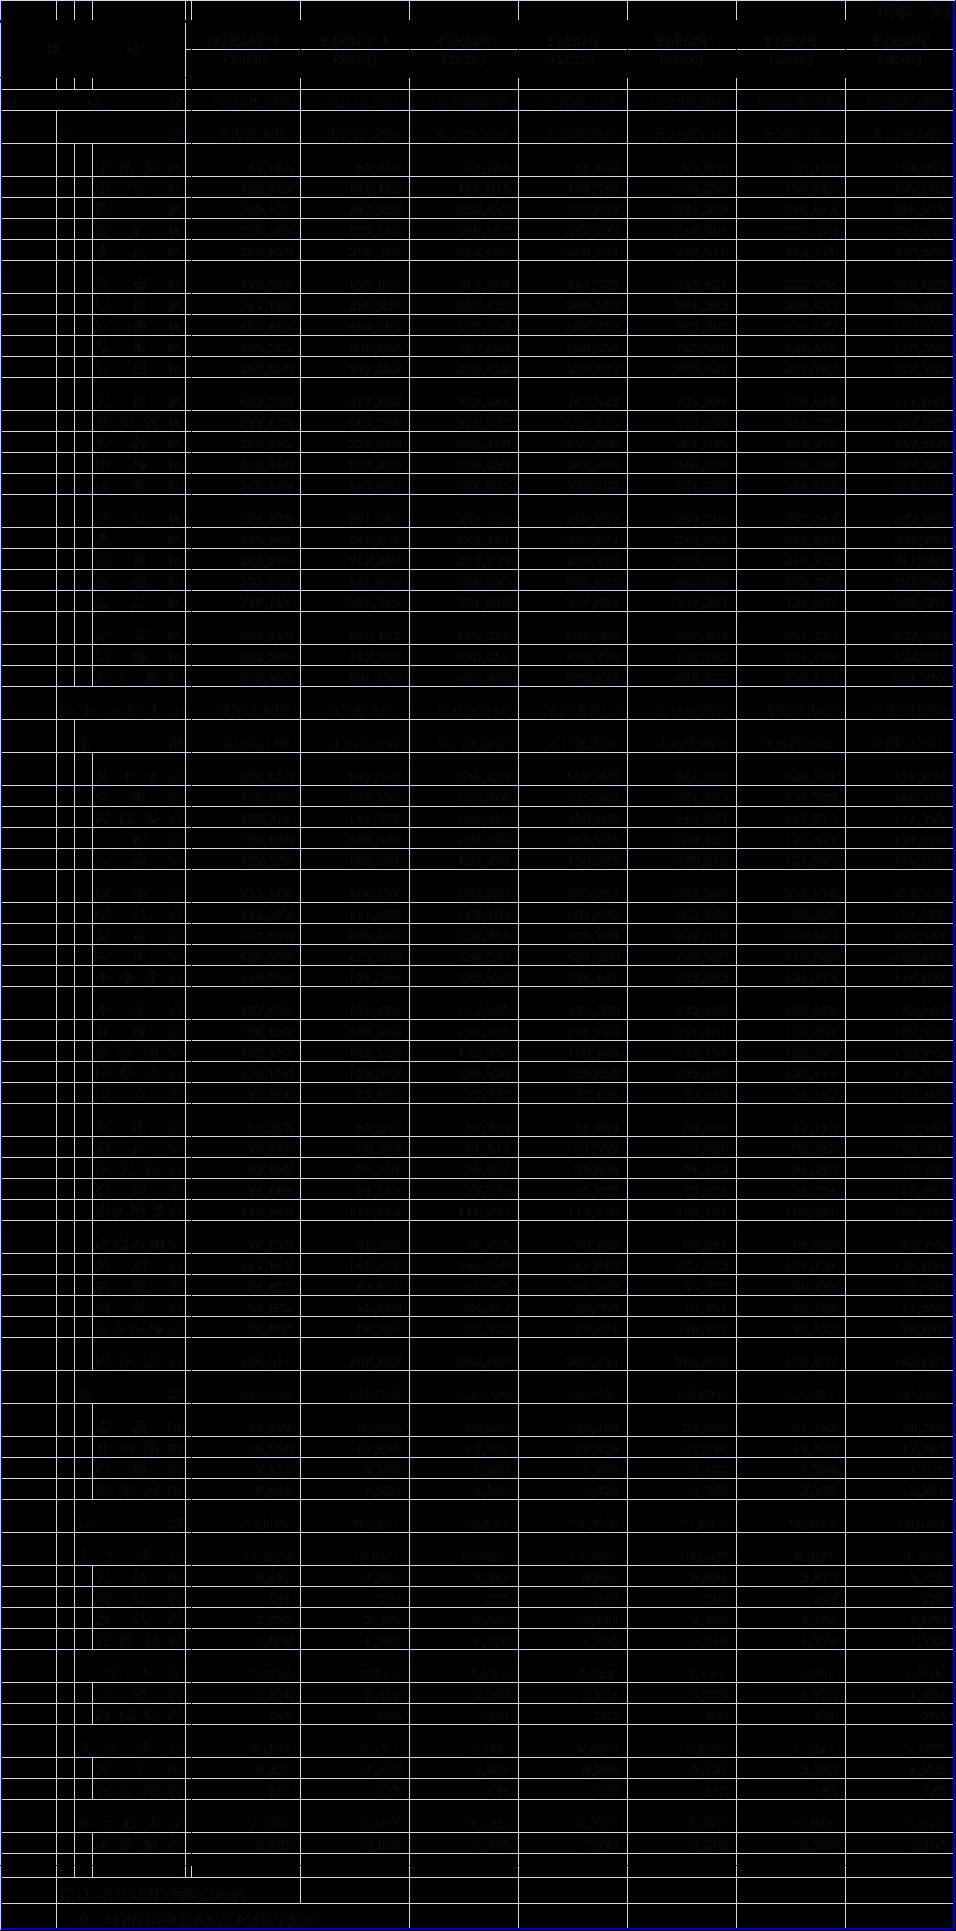 東京都人口の予測図